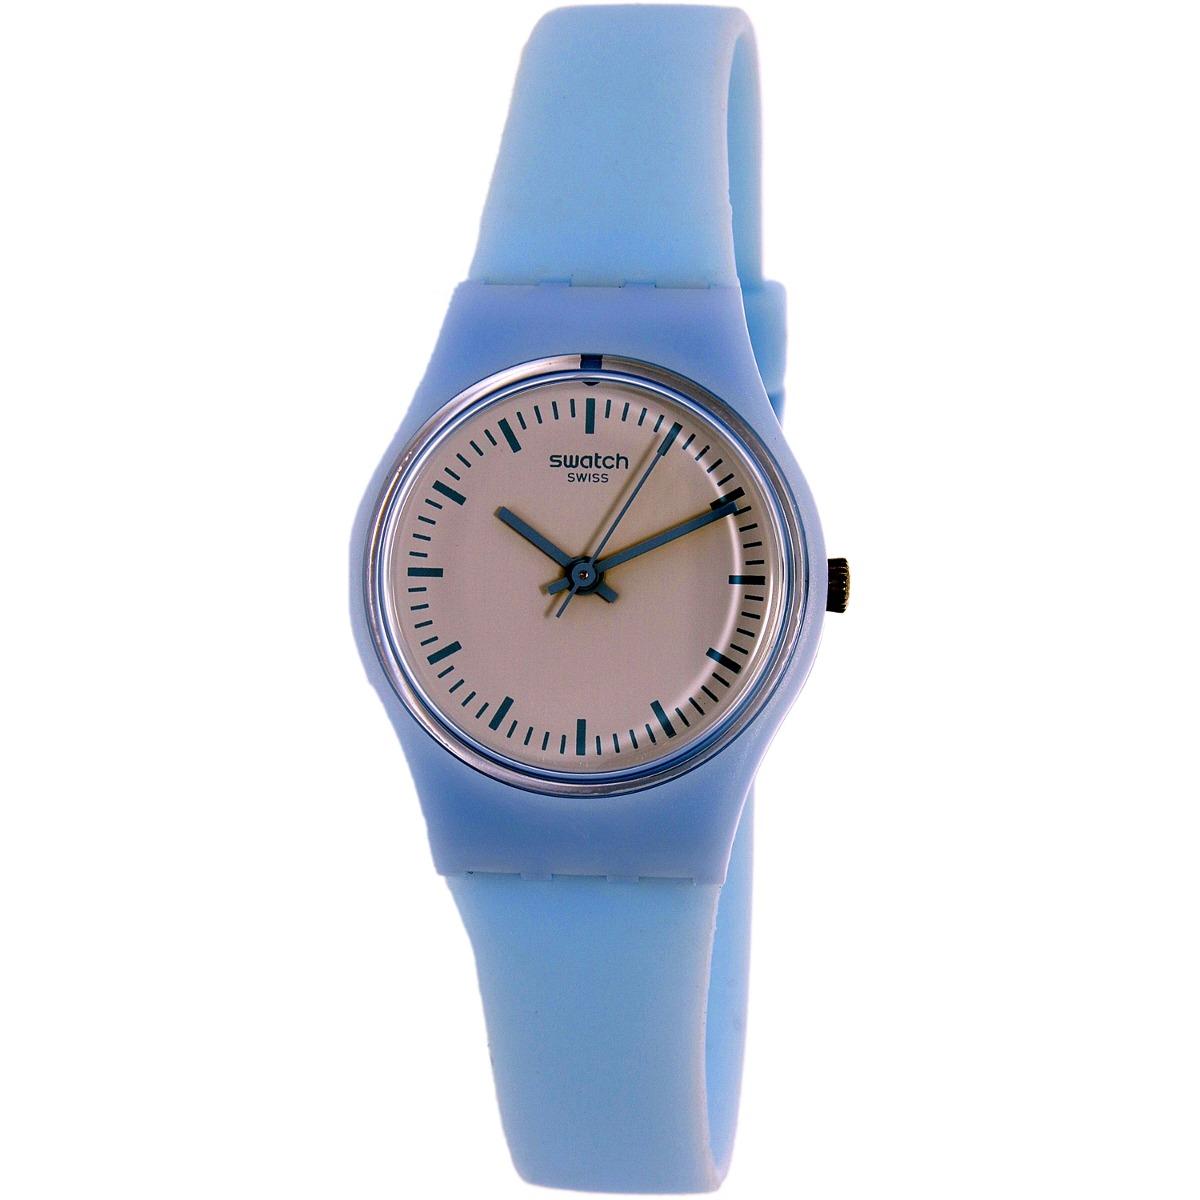 Suizo228 Goma Swatch Azul Reloj Correa 550 De Para Mujer Ll119 80XZnONwPk